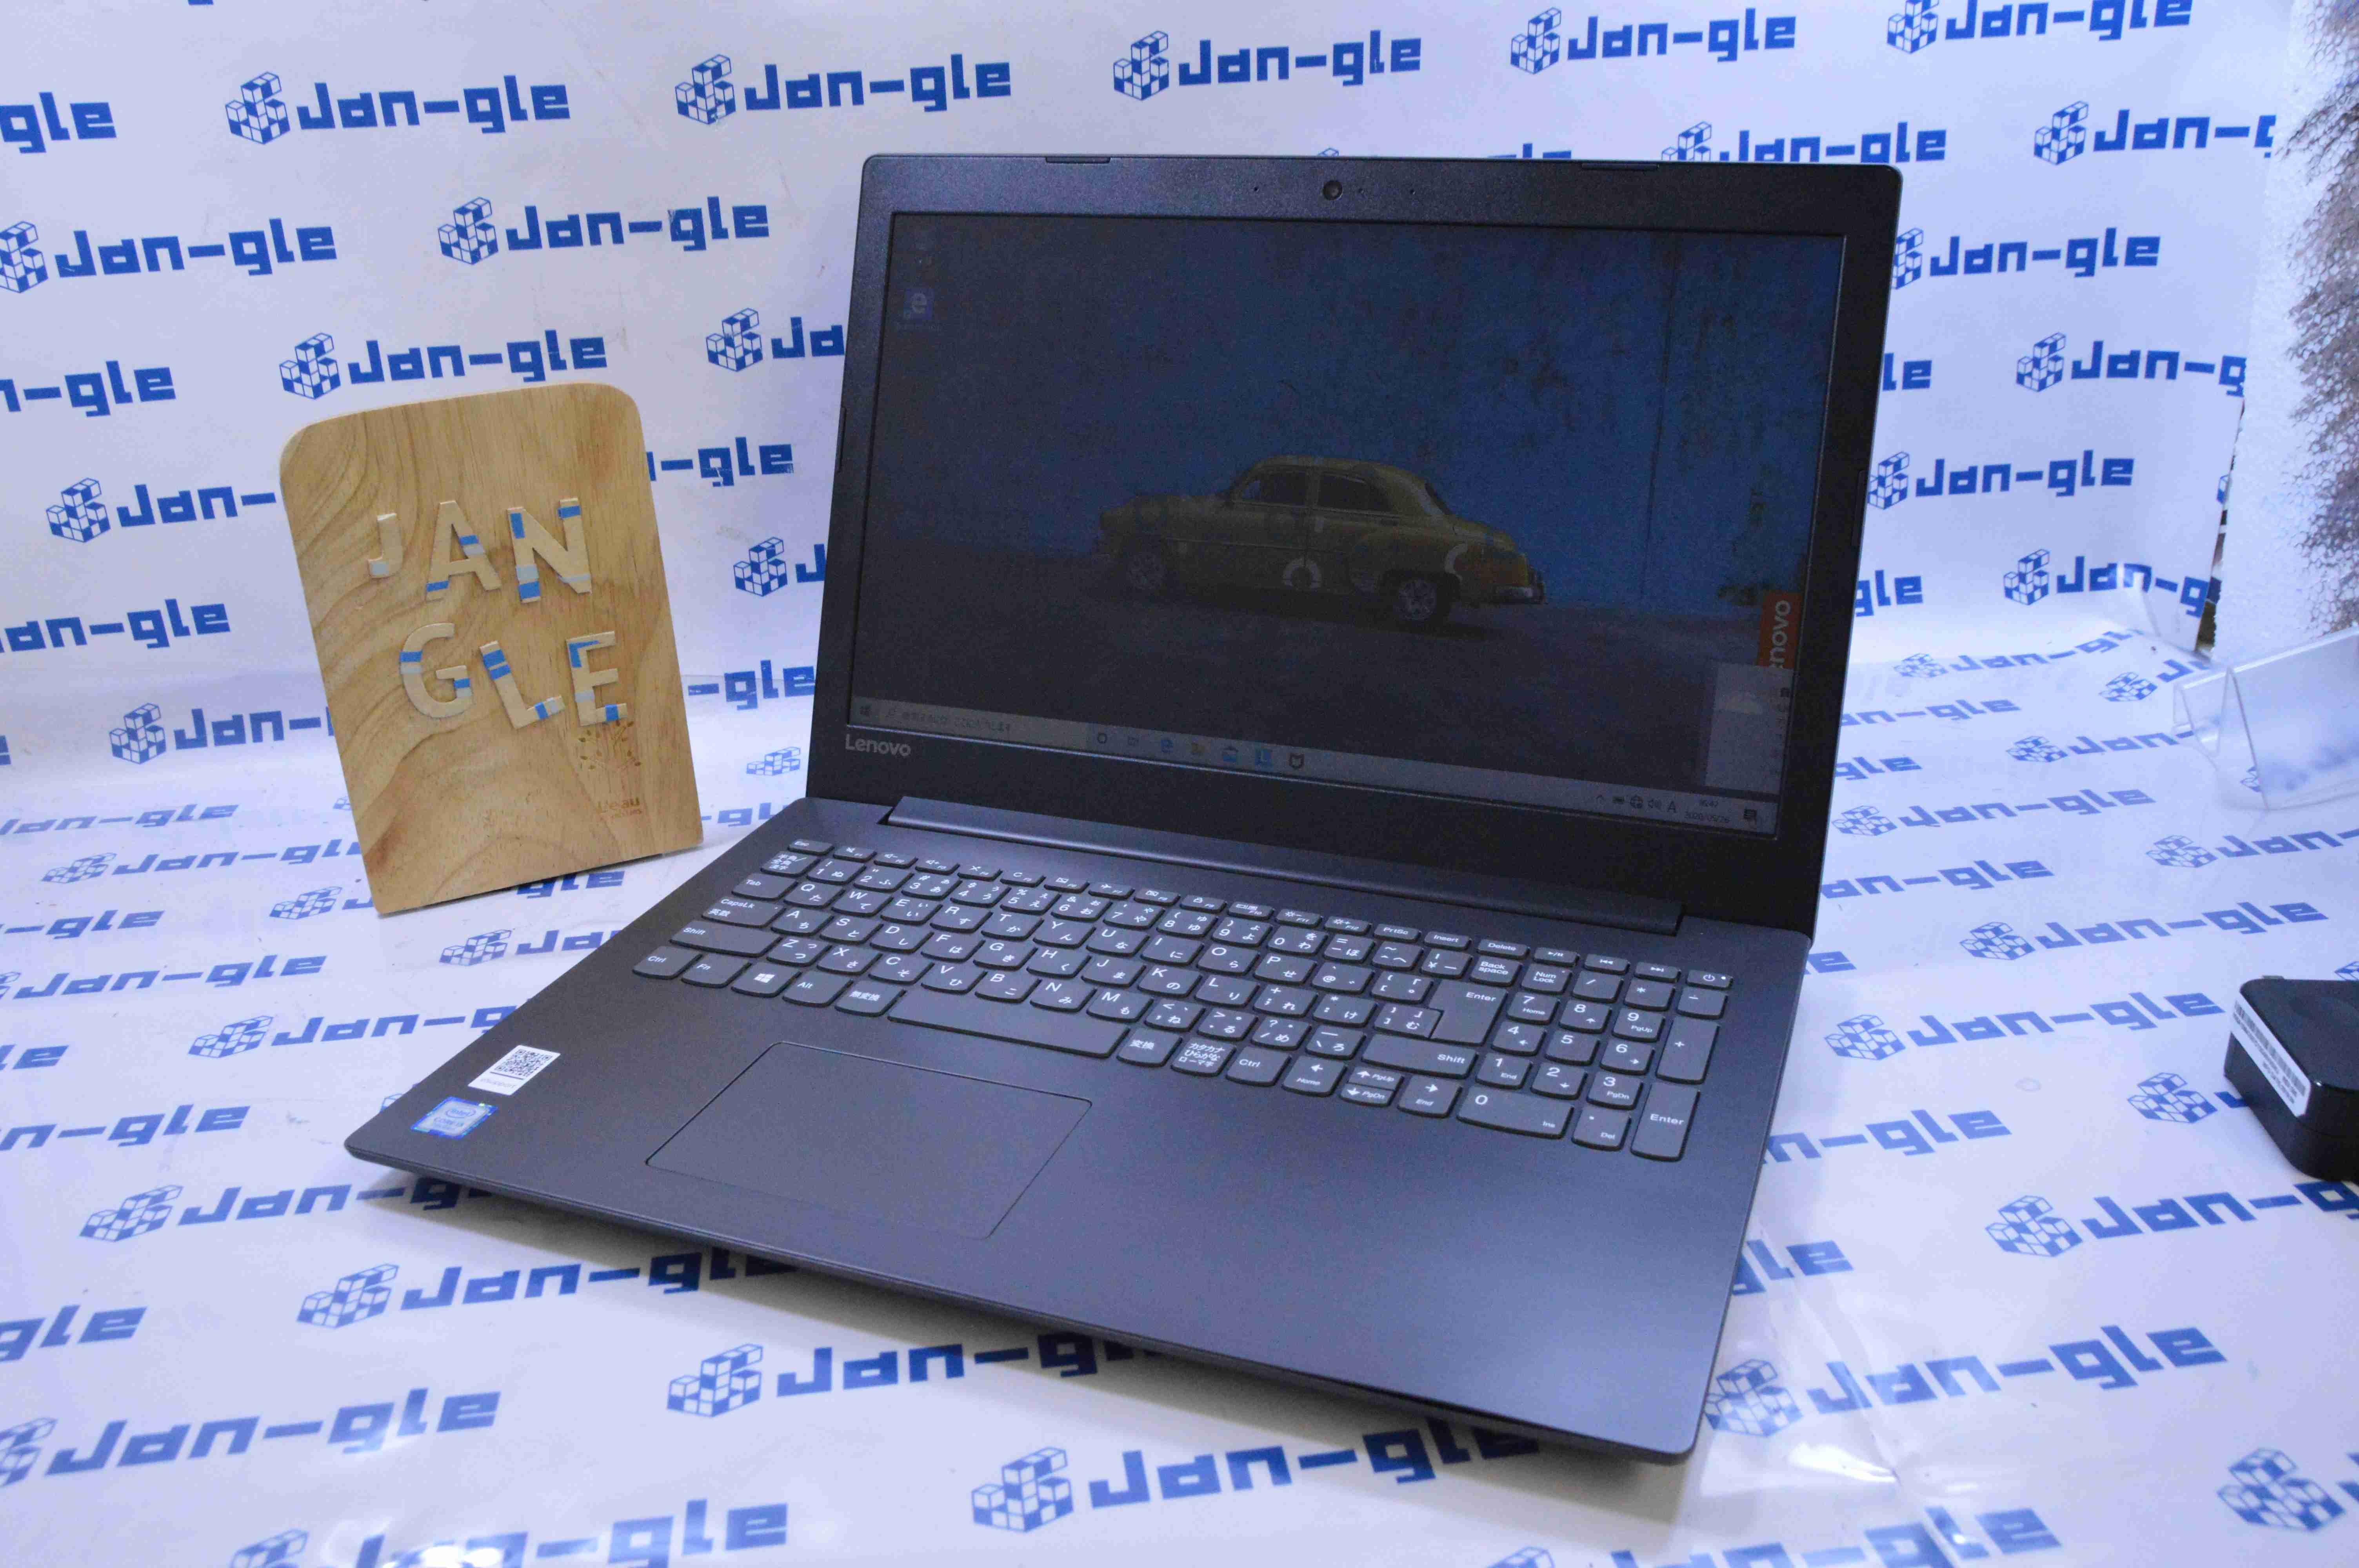 【KS】【中古】ΩLenovo Ideapad 330-151KB ノートパソコン SSD240ギガバイト換装済み!